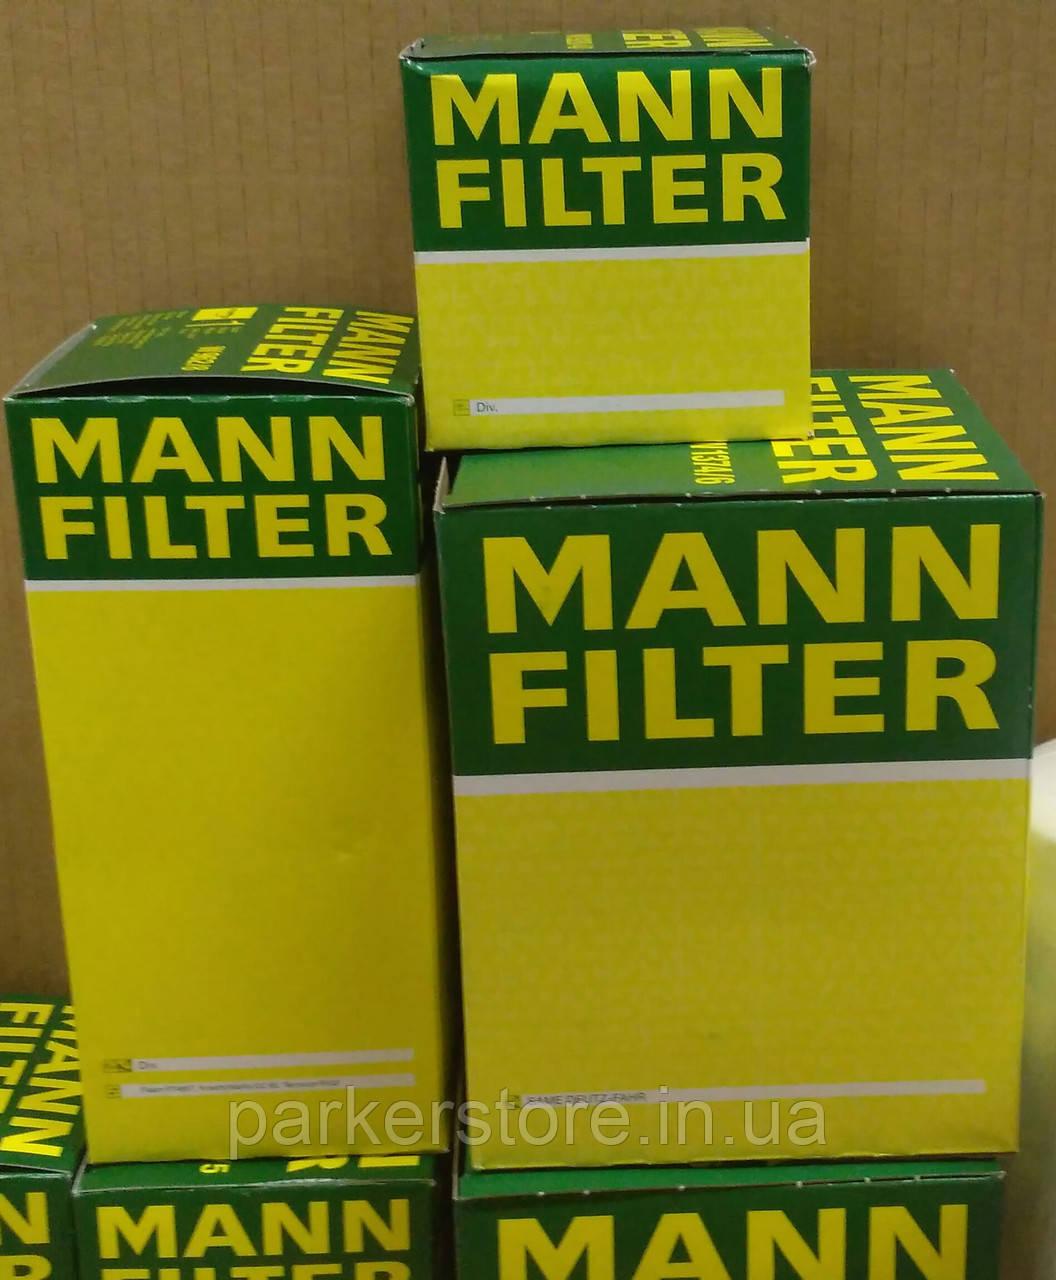 MANN FILTER / Воздушный фильтр / C 32 123/1 / C32123/1